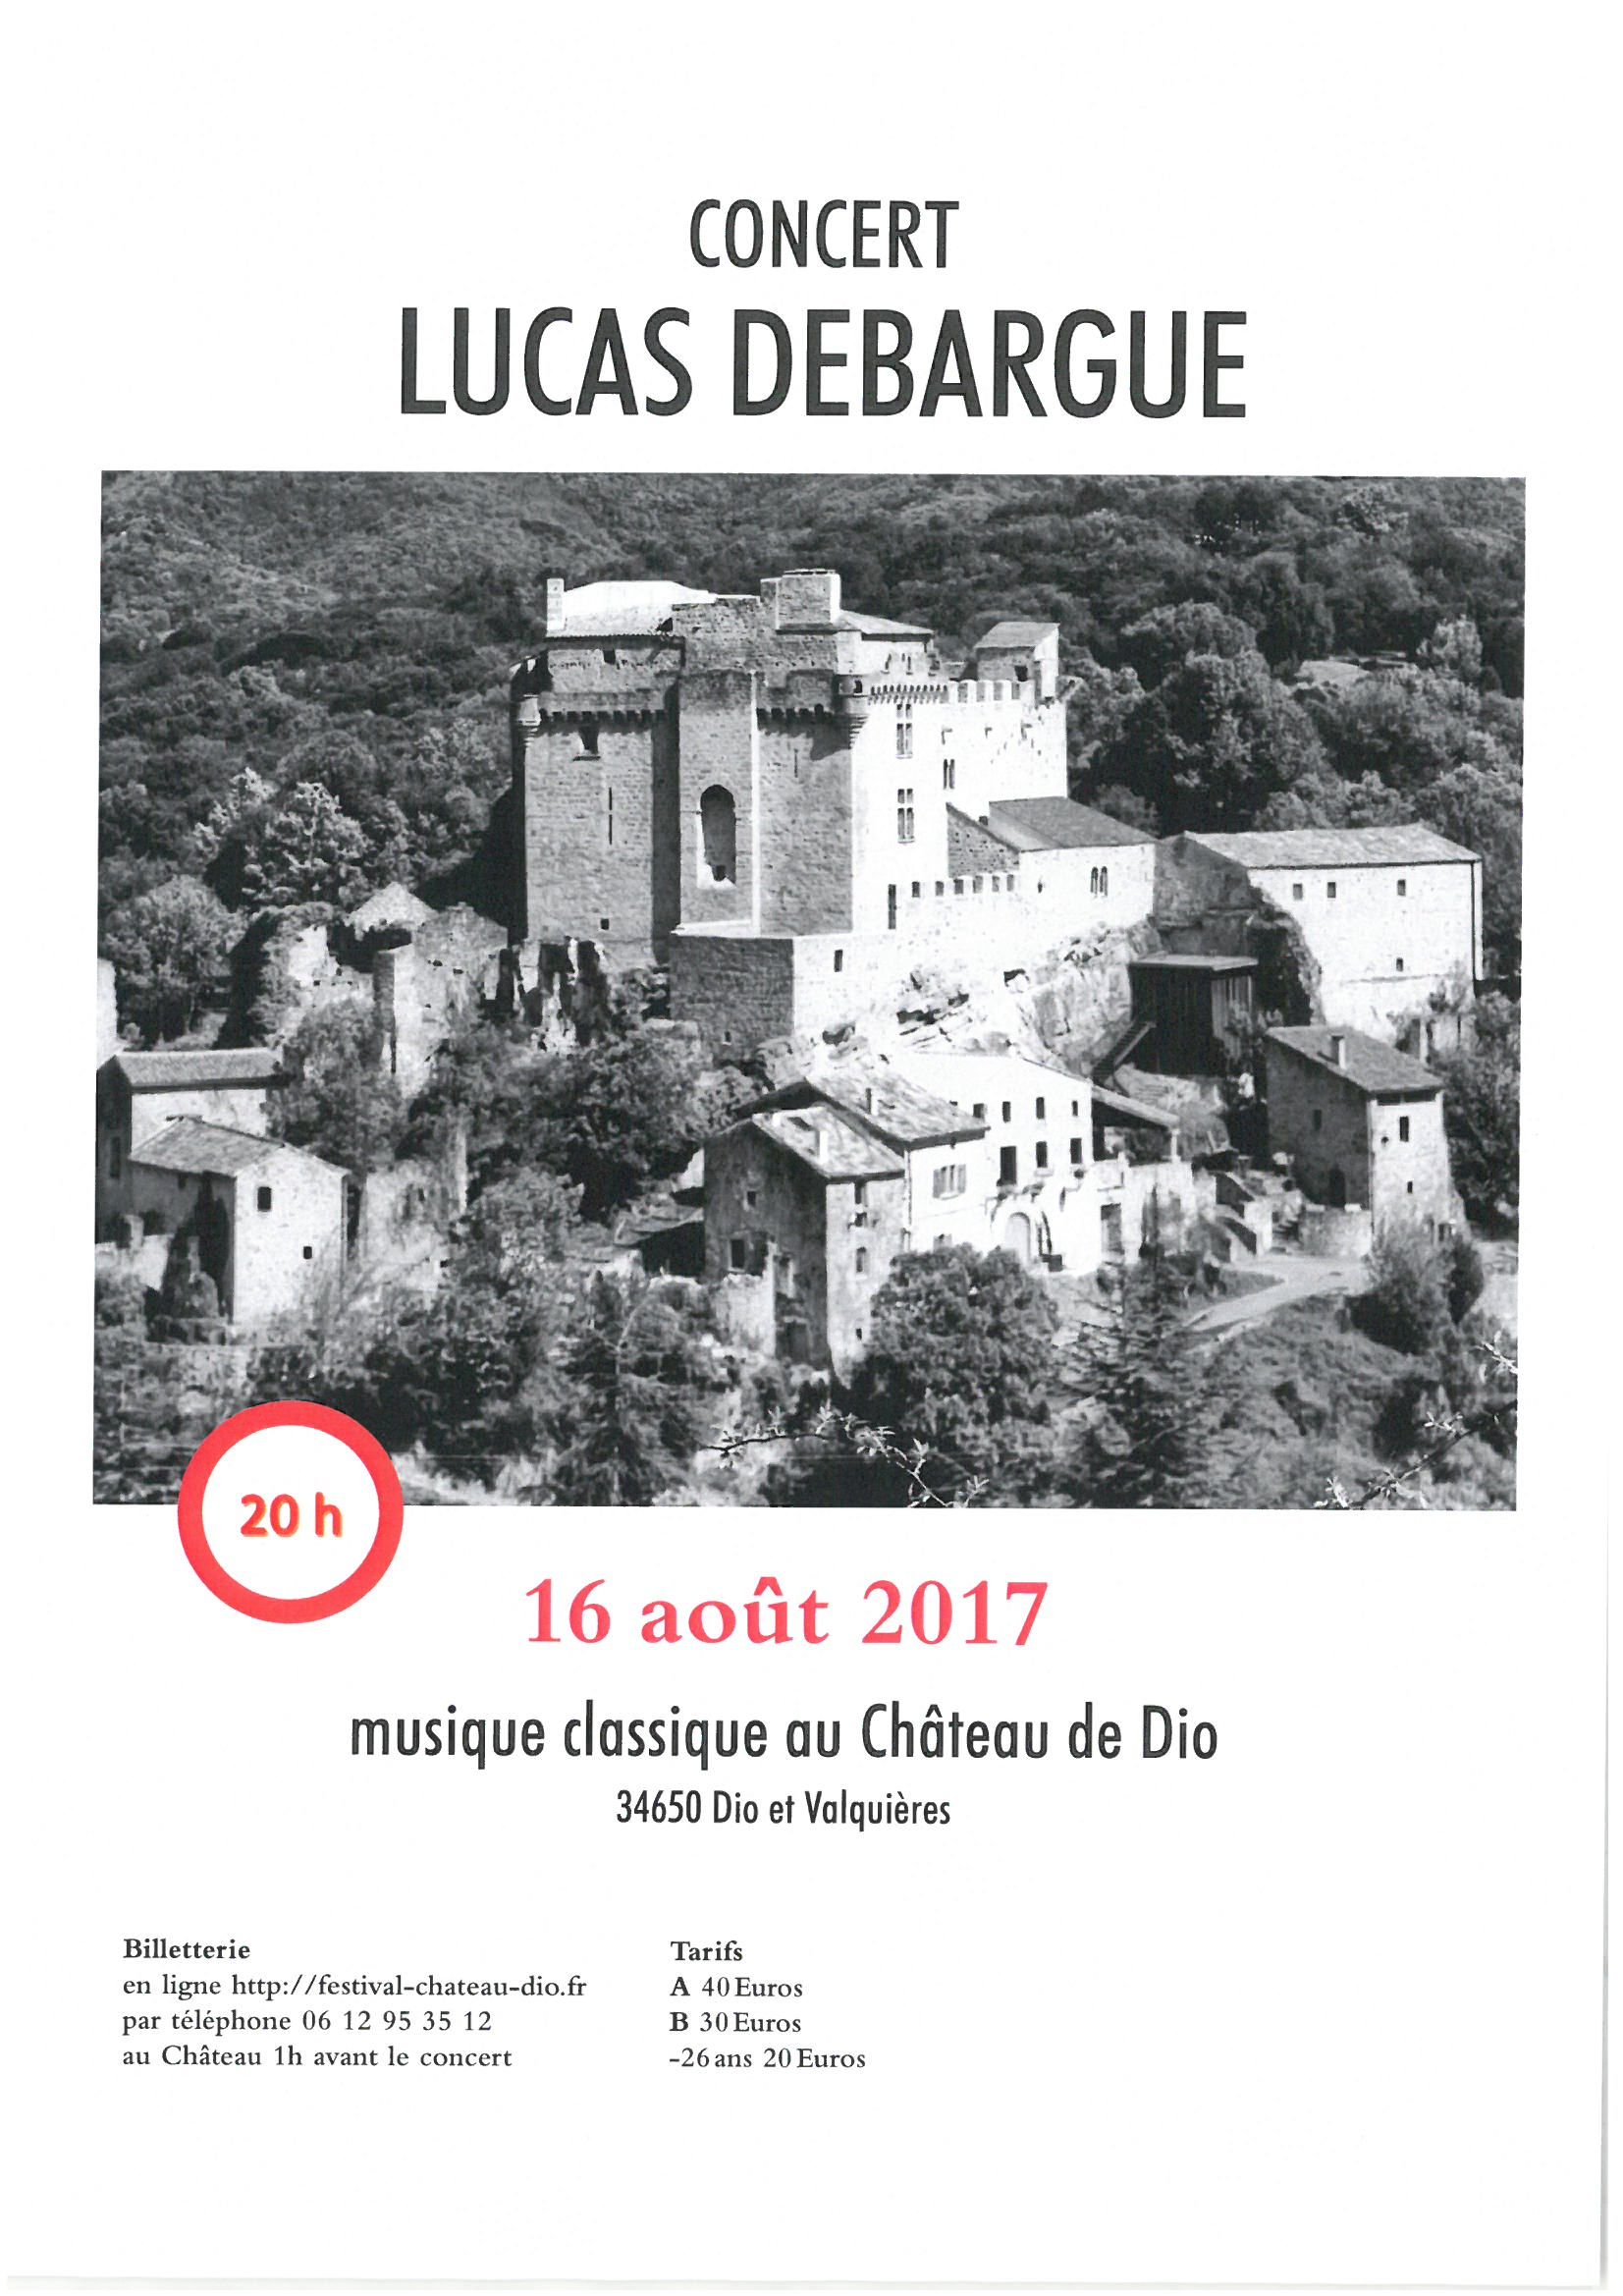 Festival musique classique 16 août 2017